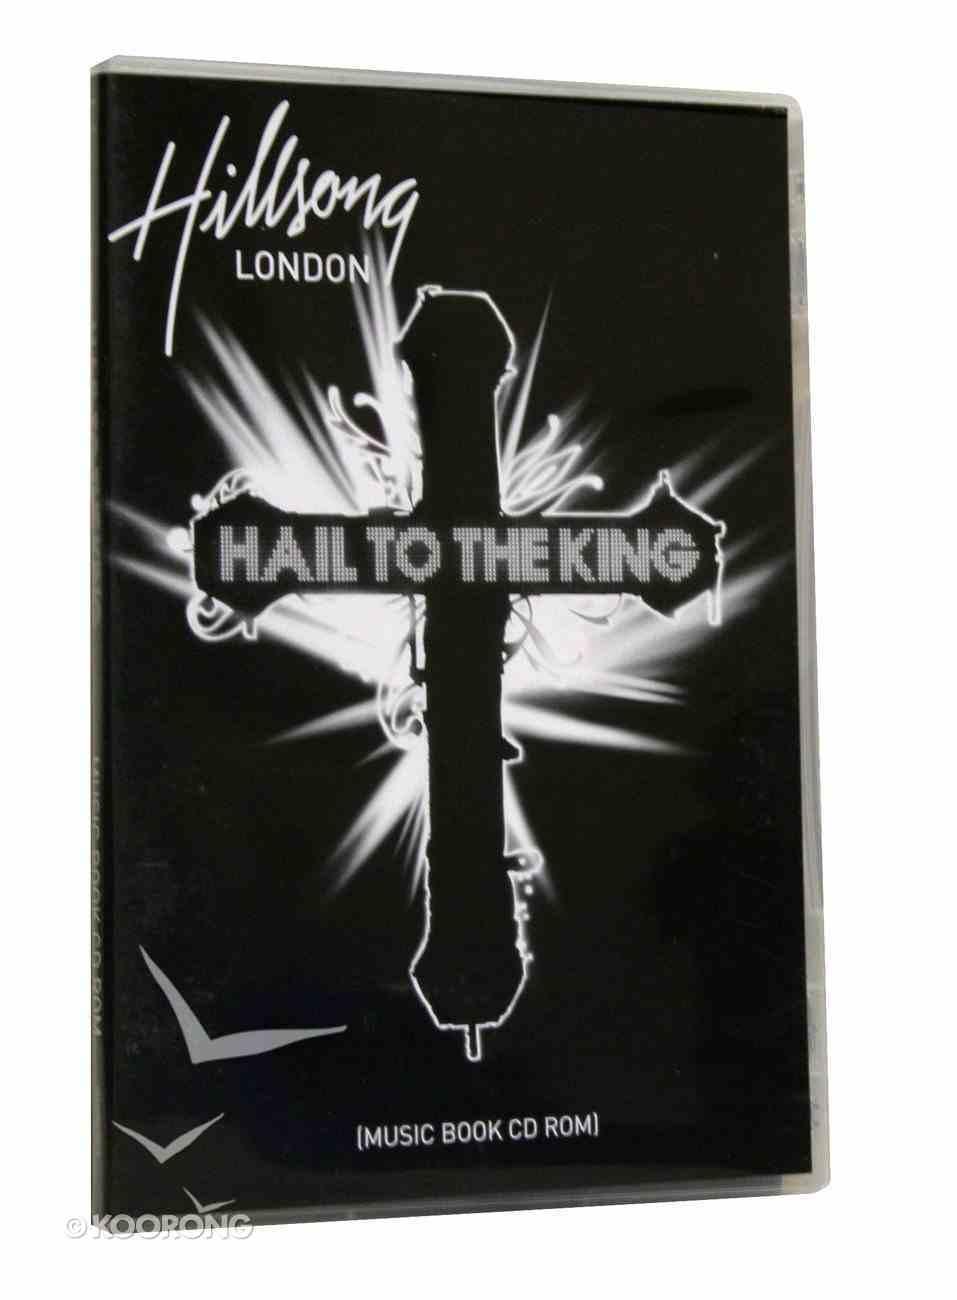 Hillsong London 2008: Hail to the King CDROM Music Book CD-rom